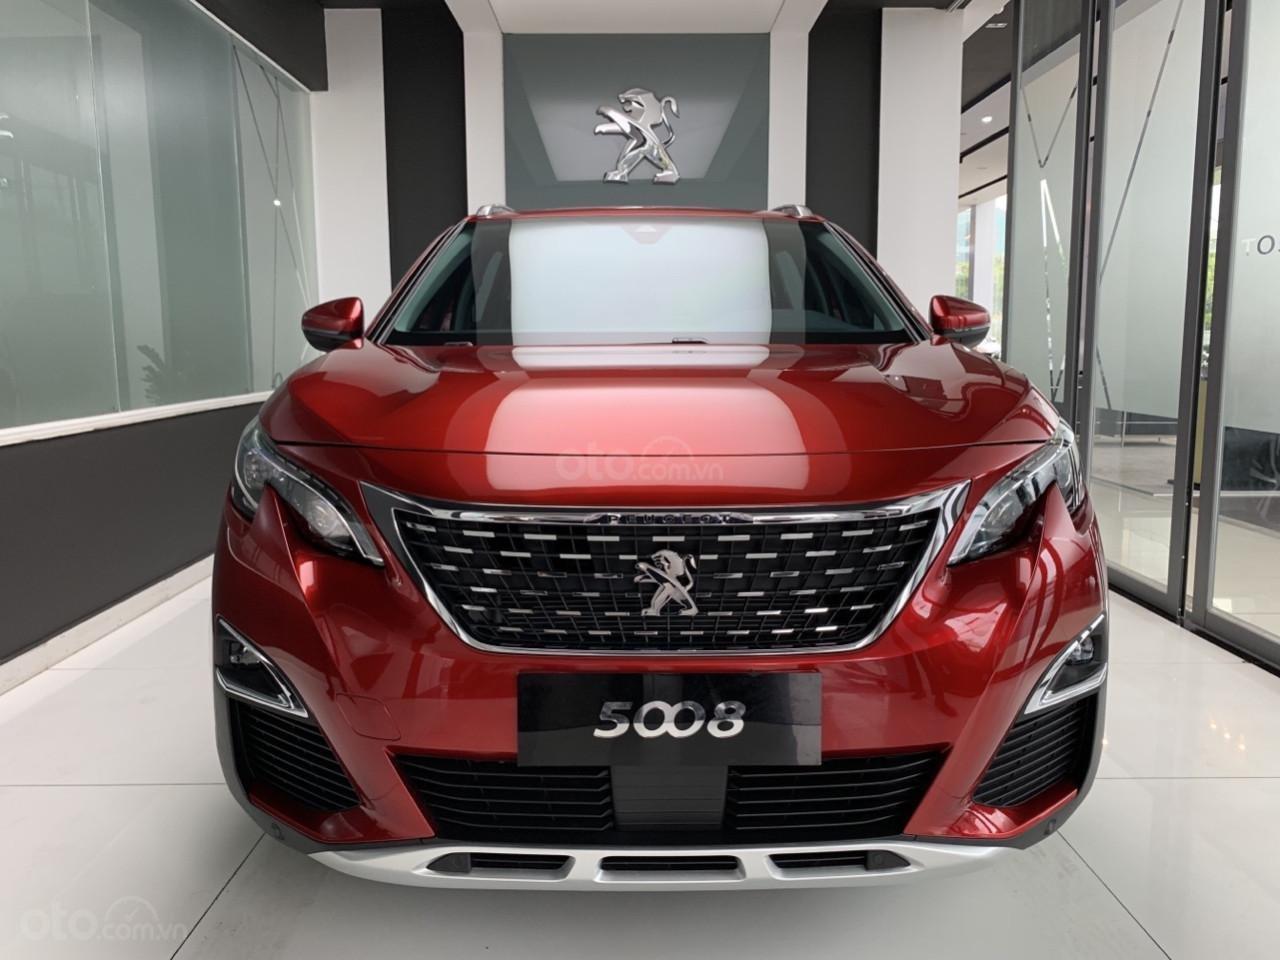 Peugeot 5008 đỏ 2019, chạy lướt, mới lăn bánh 57km, chạy dc 2 ngày, cần thanh lý (1)